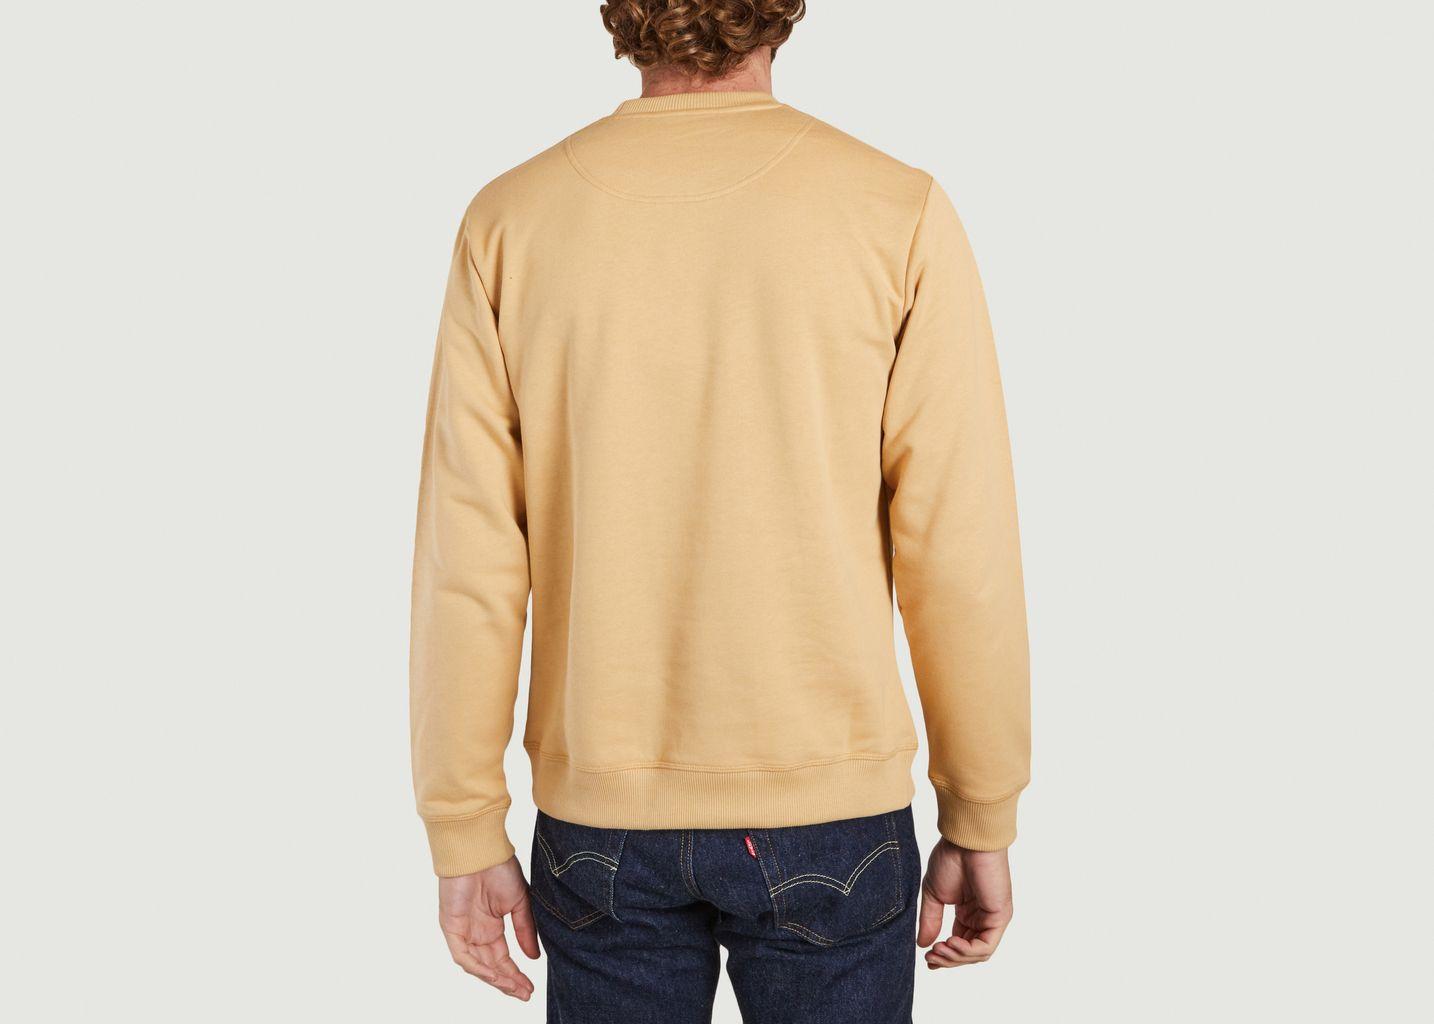 Sweatshirt Tiger Seasonal  - Kenzo